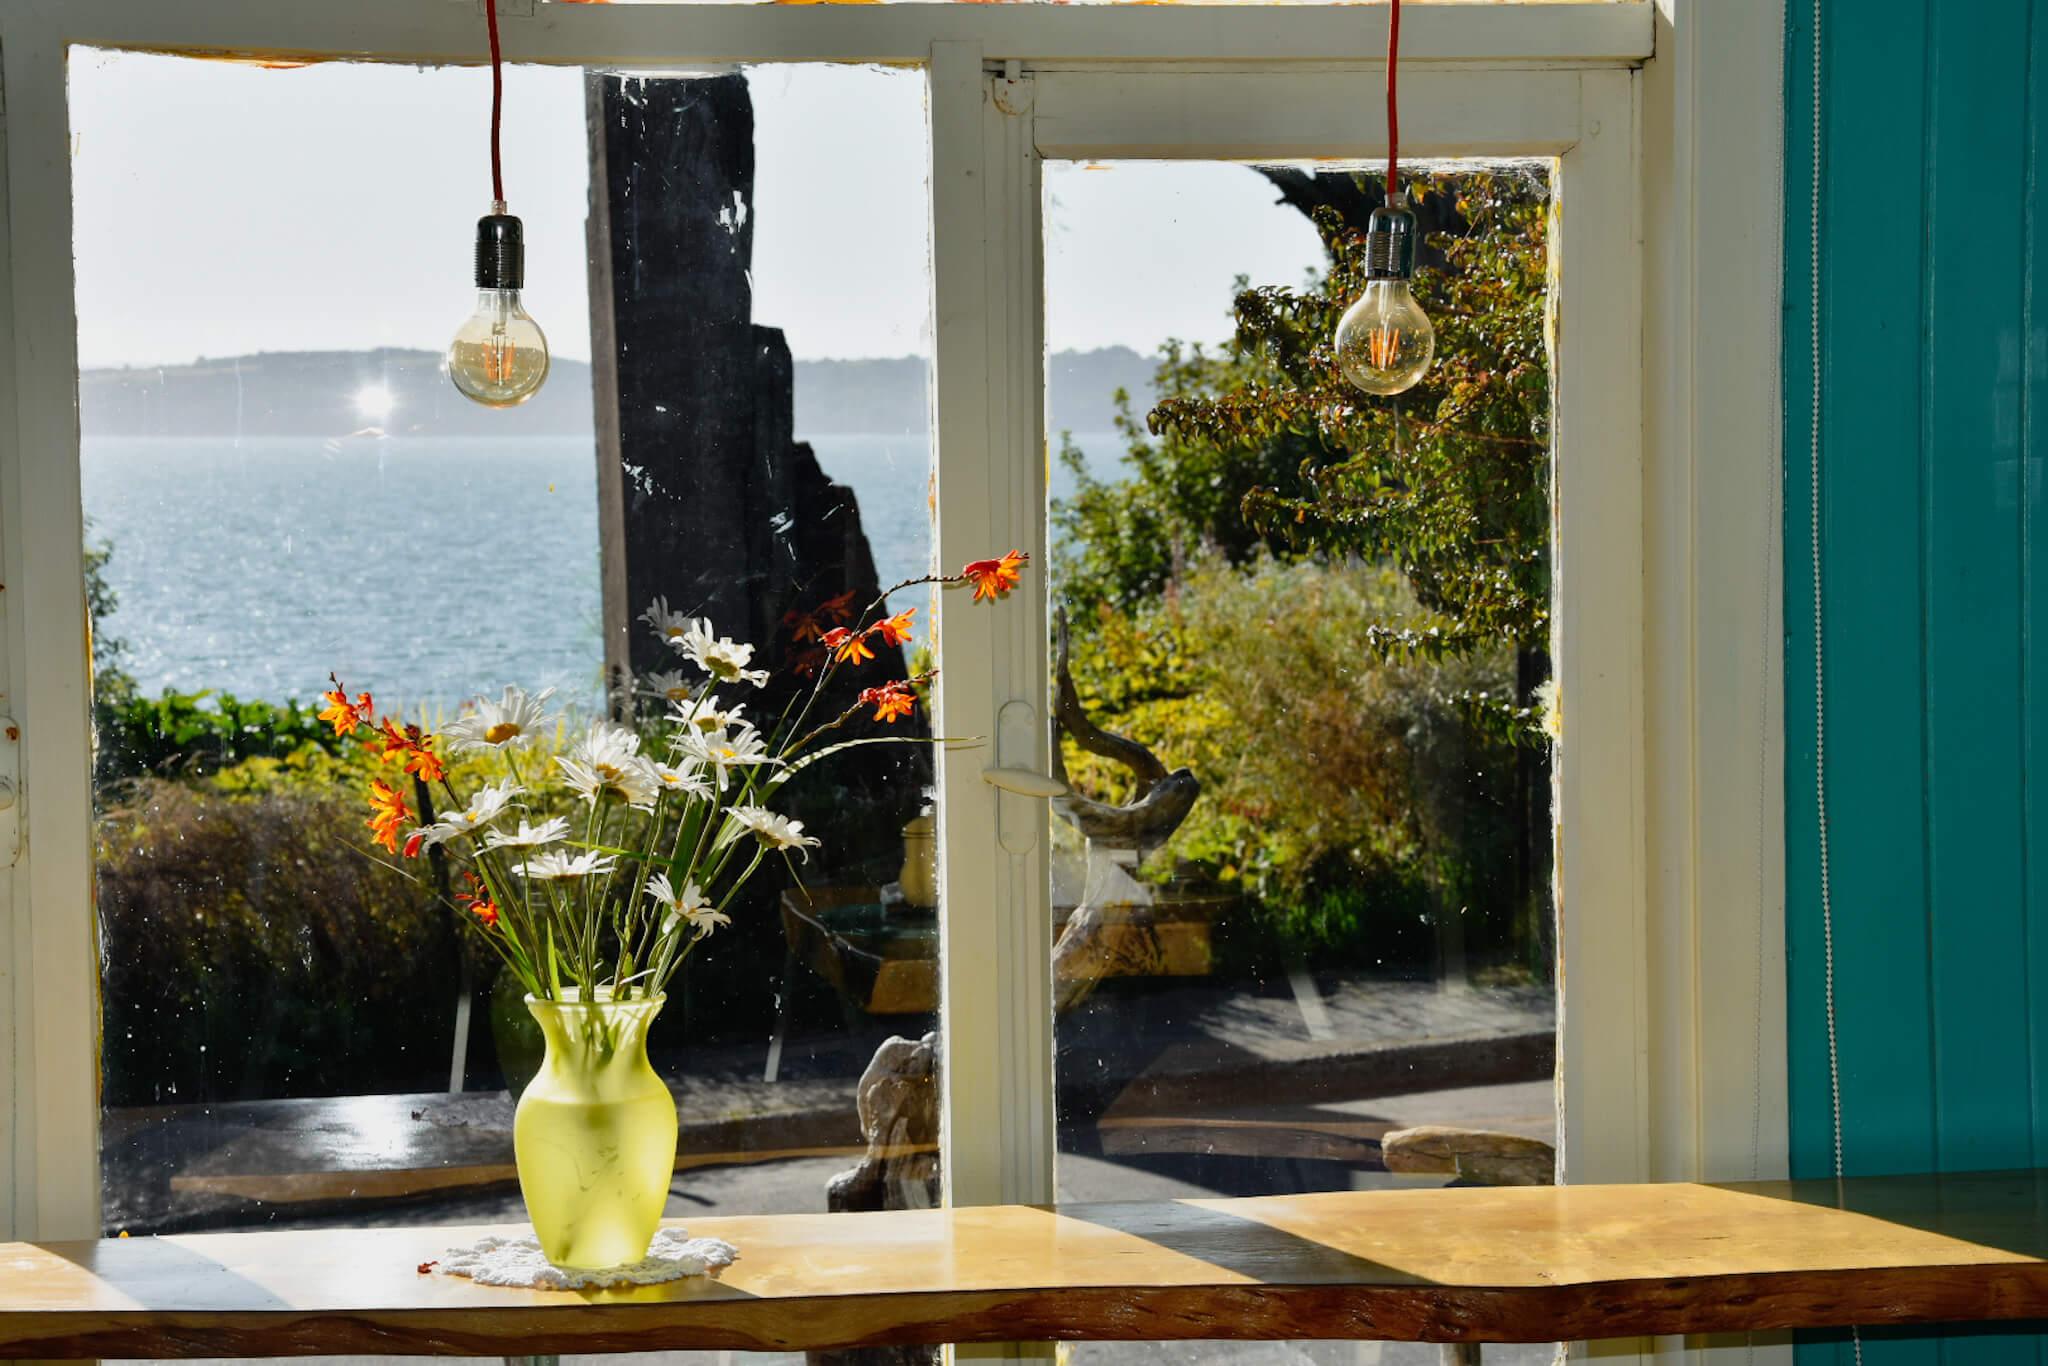 Cafe Amarathine, Chiloe